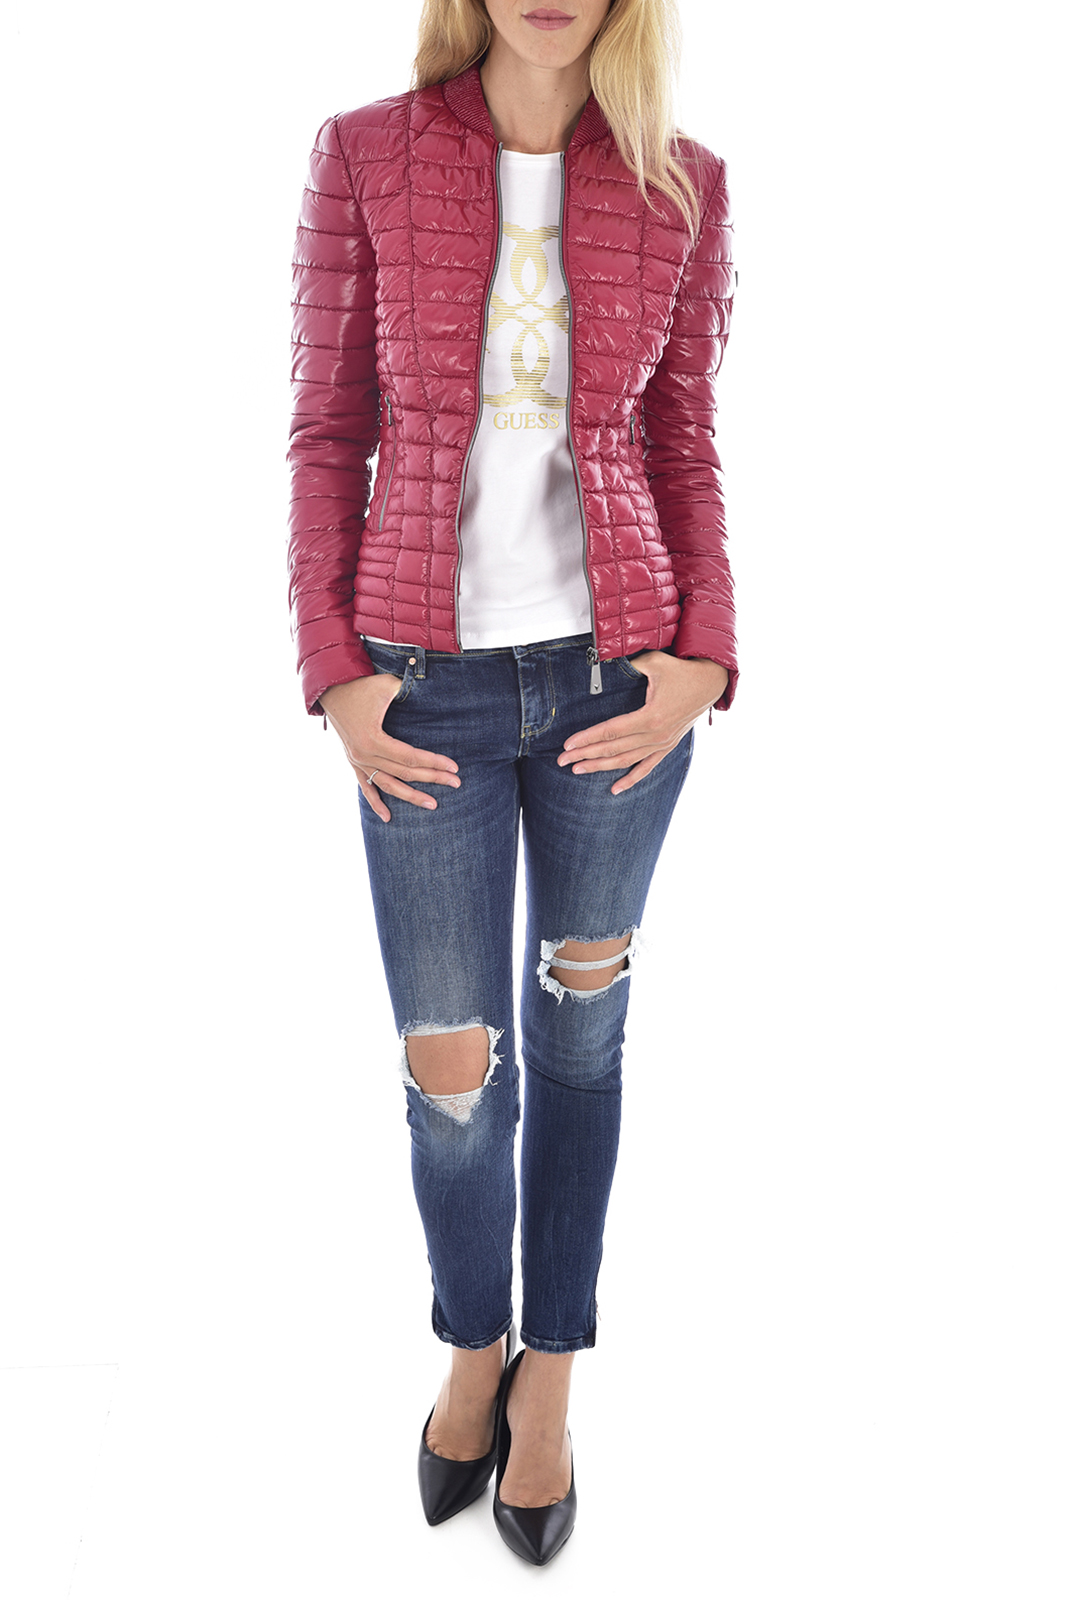 Blouson / doudoune  Guess jeans W94L1D WC270 RUSSIAN RED